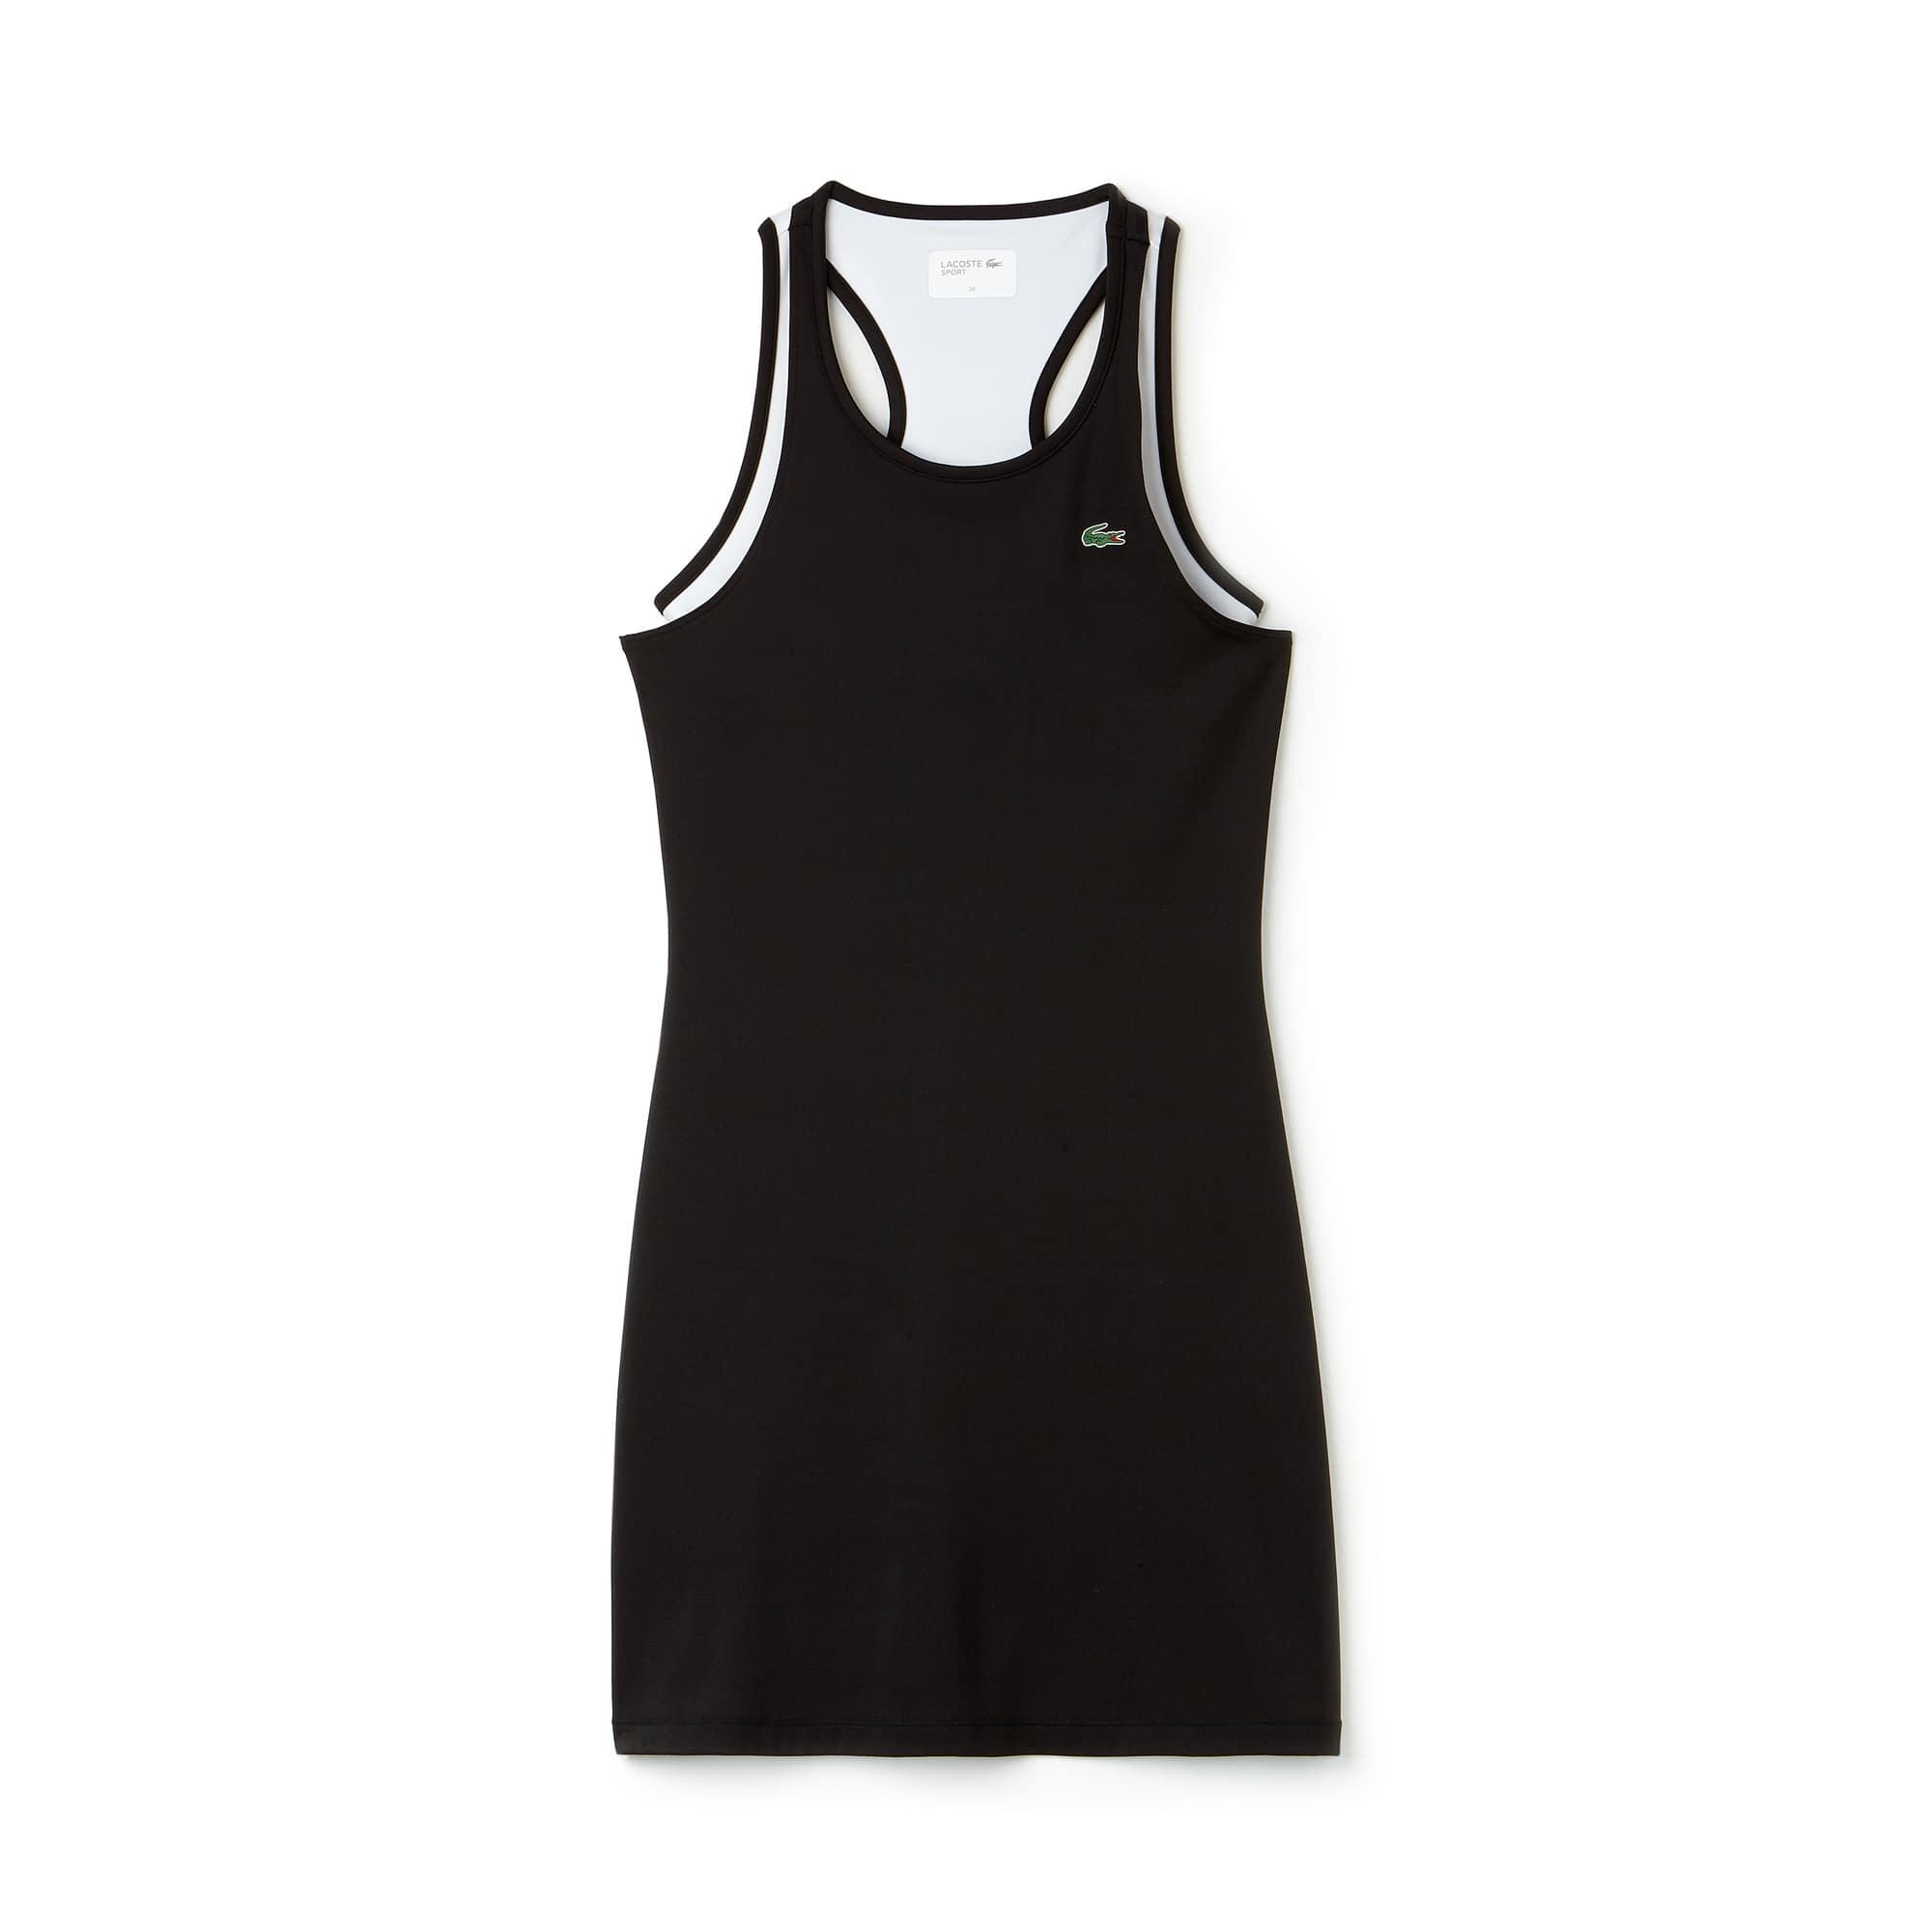 라코스테 스포츠 원피스 Lacoste Womens SPORT Technical Jersey Racerback Tennis Dress,BLACK/WHITE